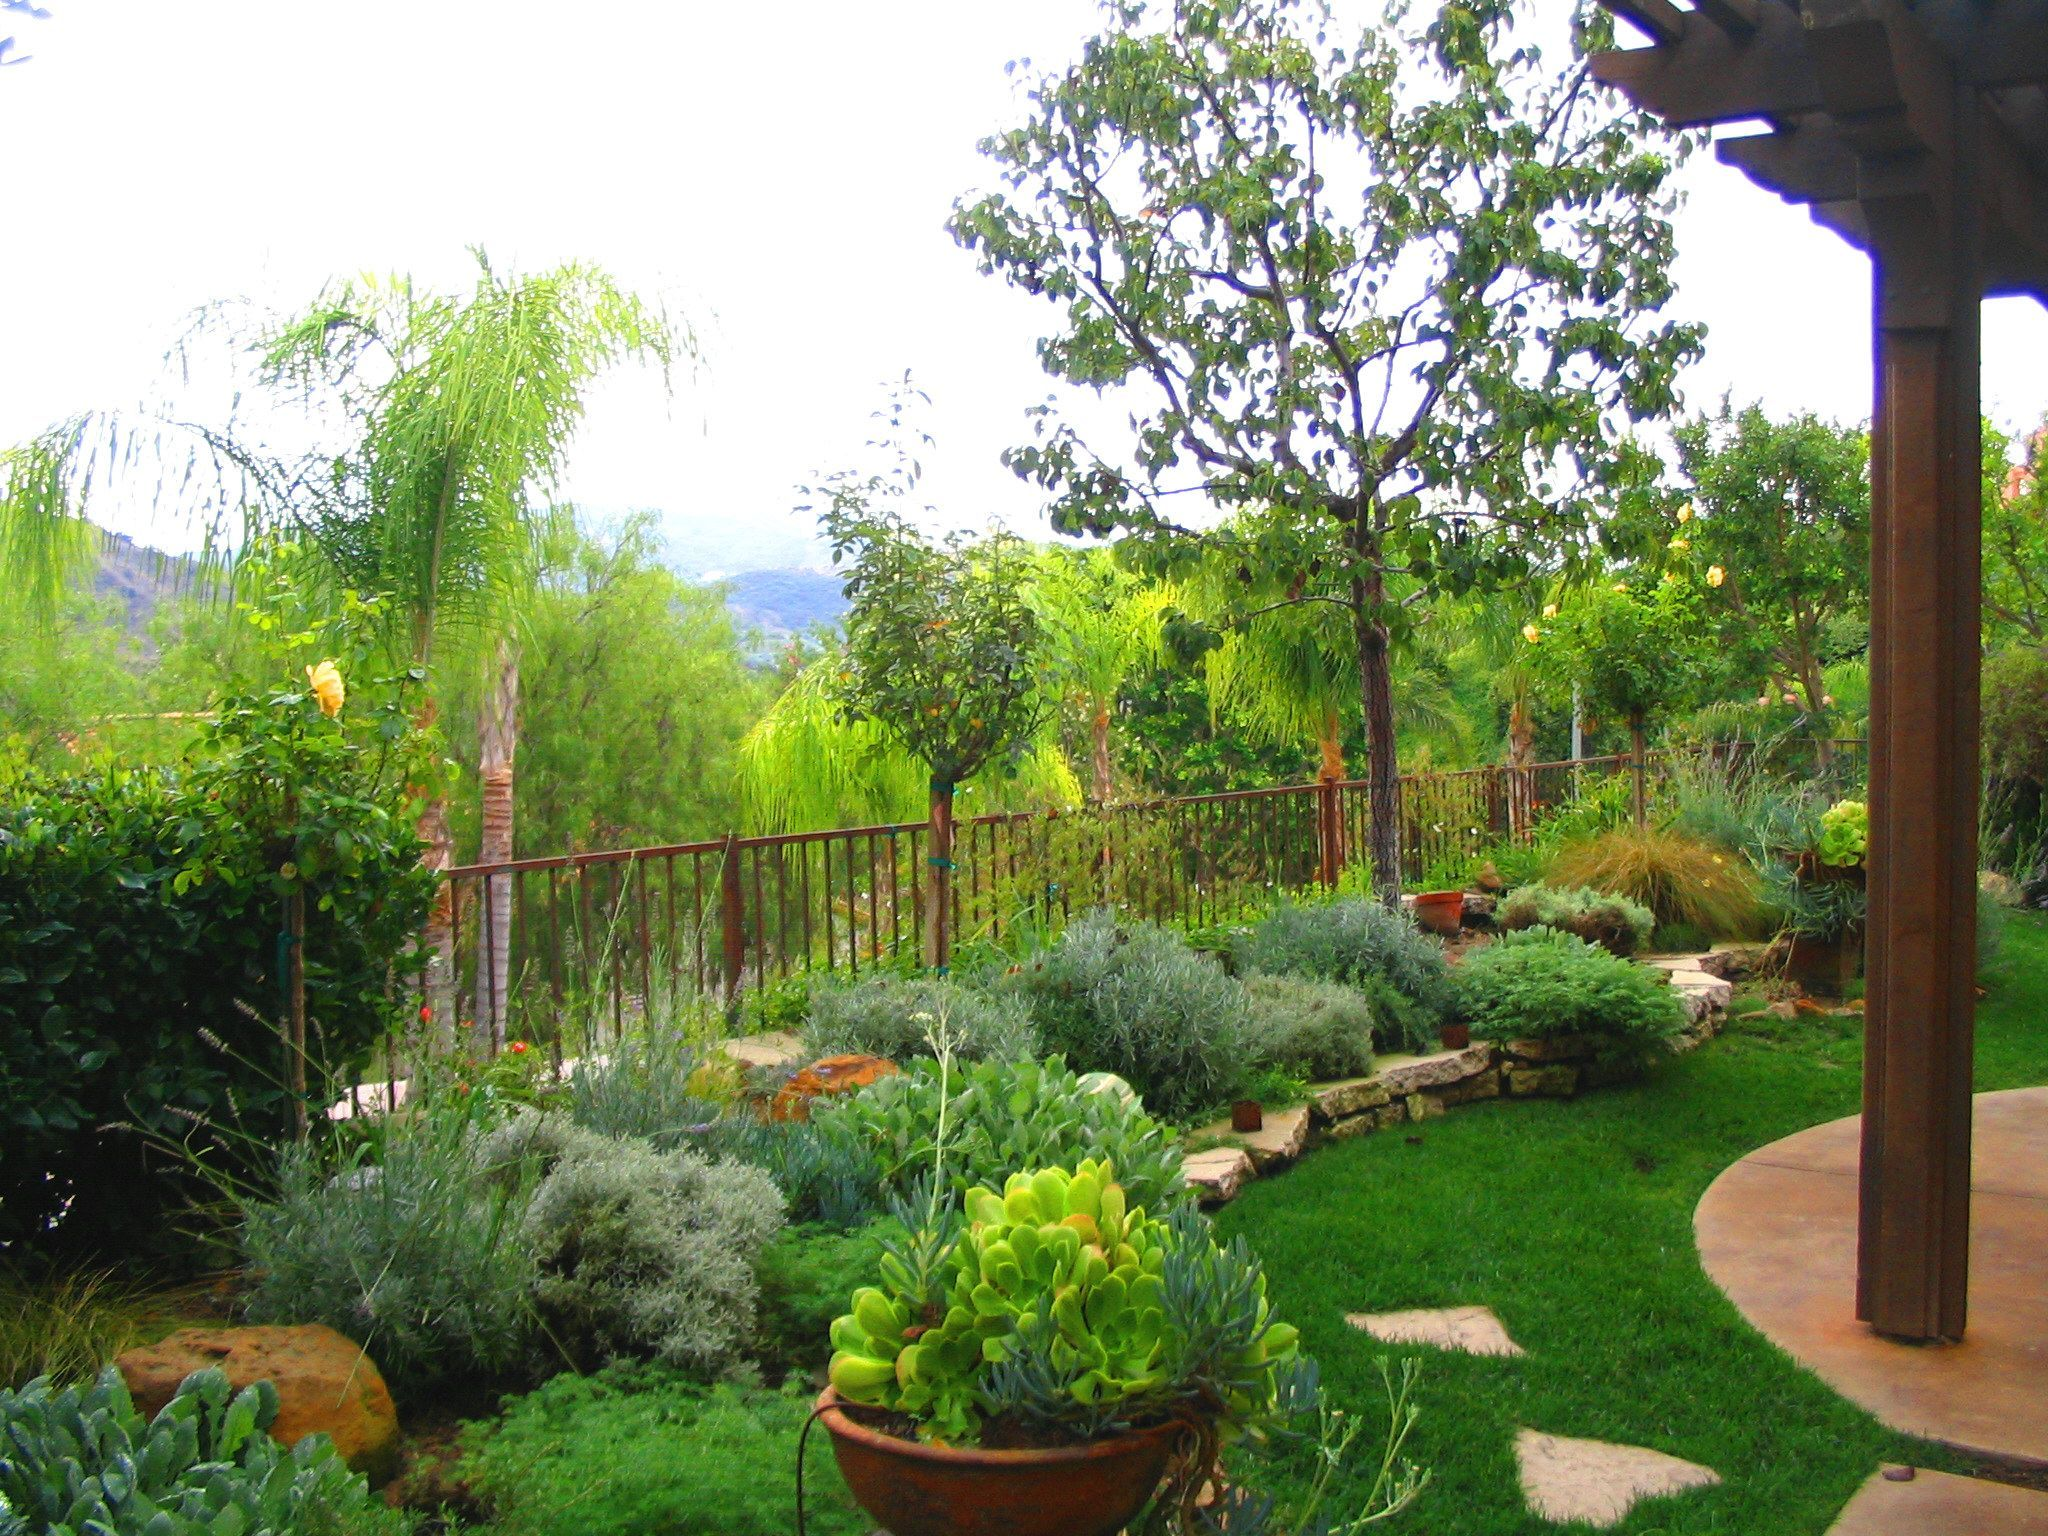 Mediterranean Style Garden Design Ideas Part - 15: Kids Garden Designs | Shirley Bovshow Garden Design Mediterranean Style  Garden